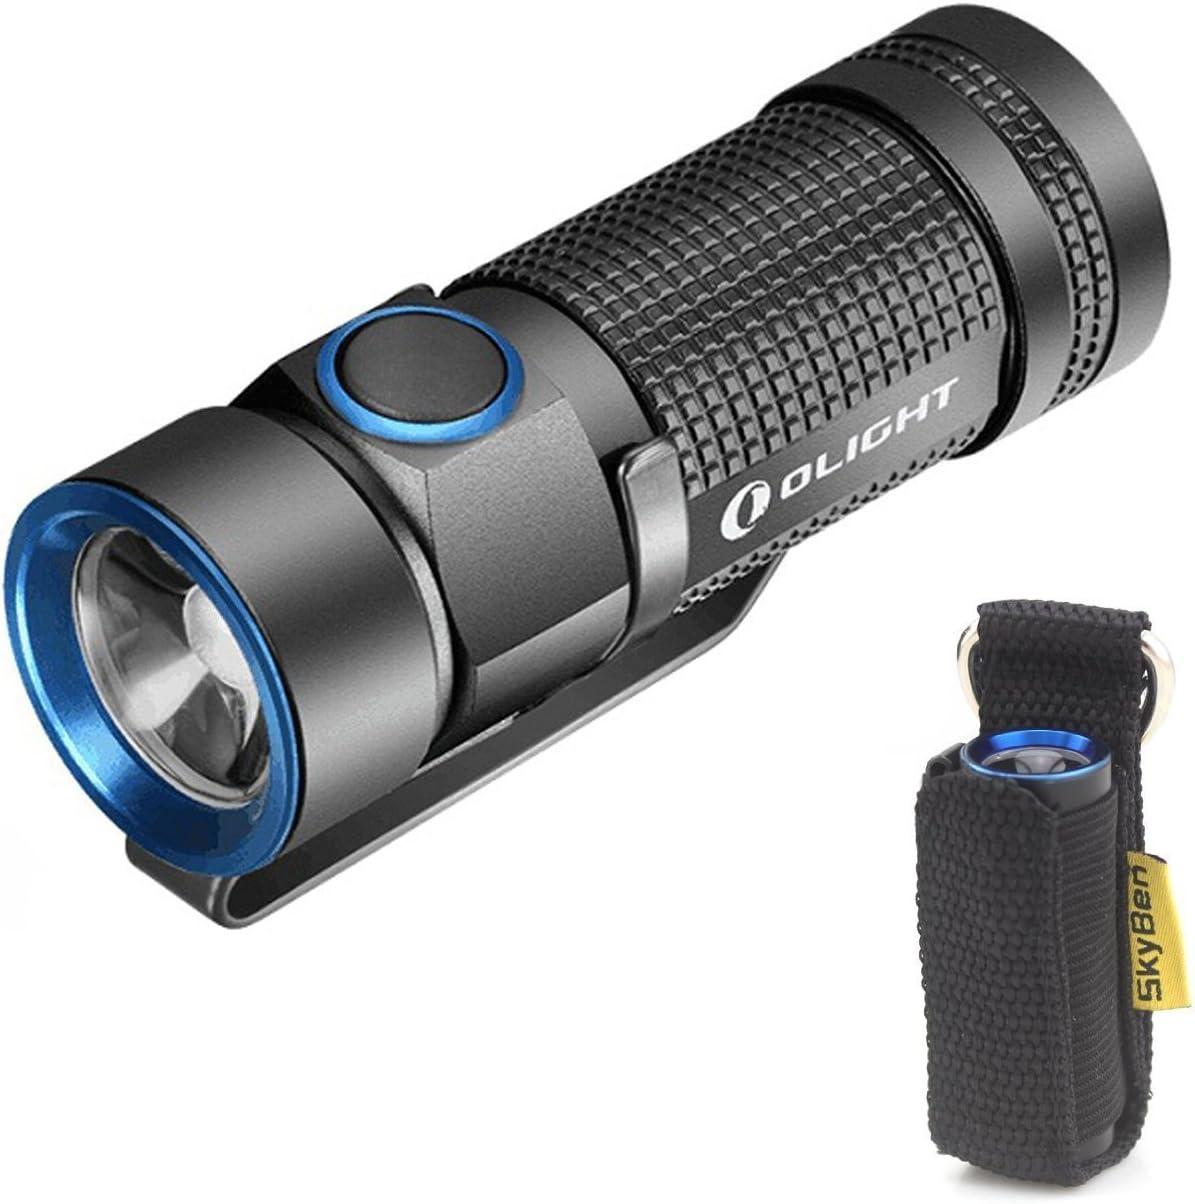 Olight S1 Baton Cree Xm-l2 Flashlight